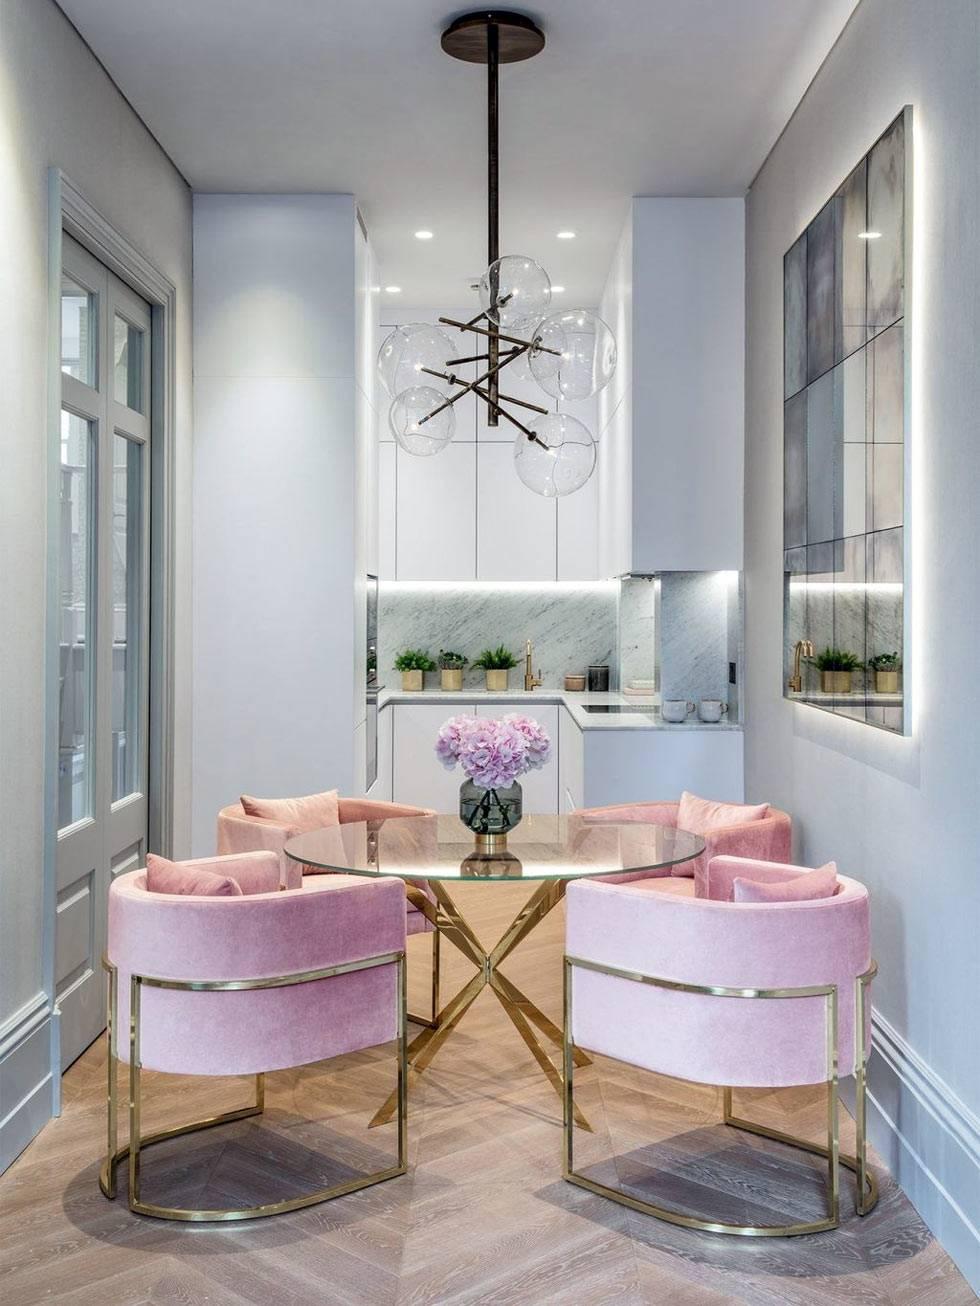 стильные розовые бархатные кресла за круглым обеденным столом в кухне